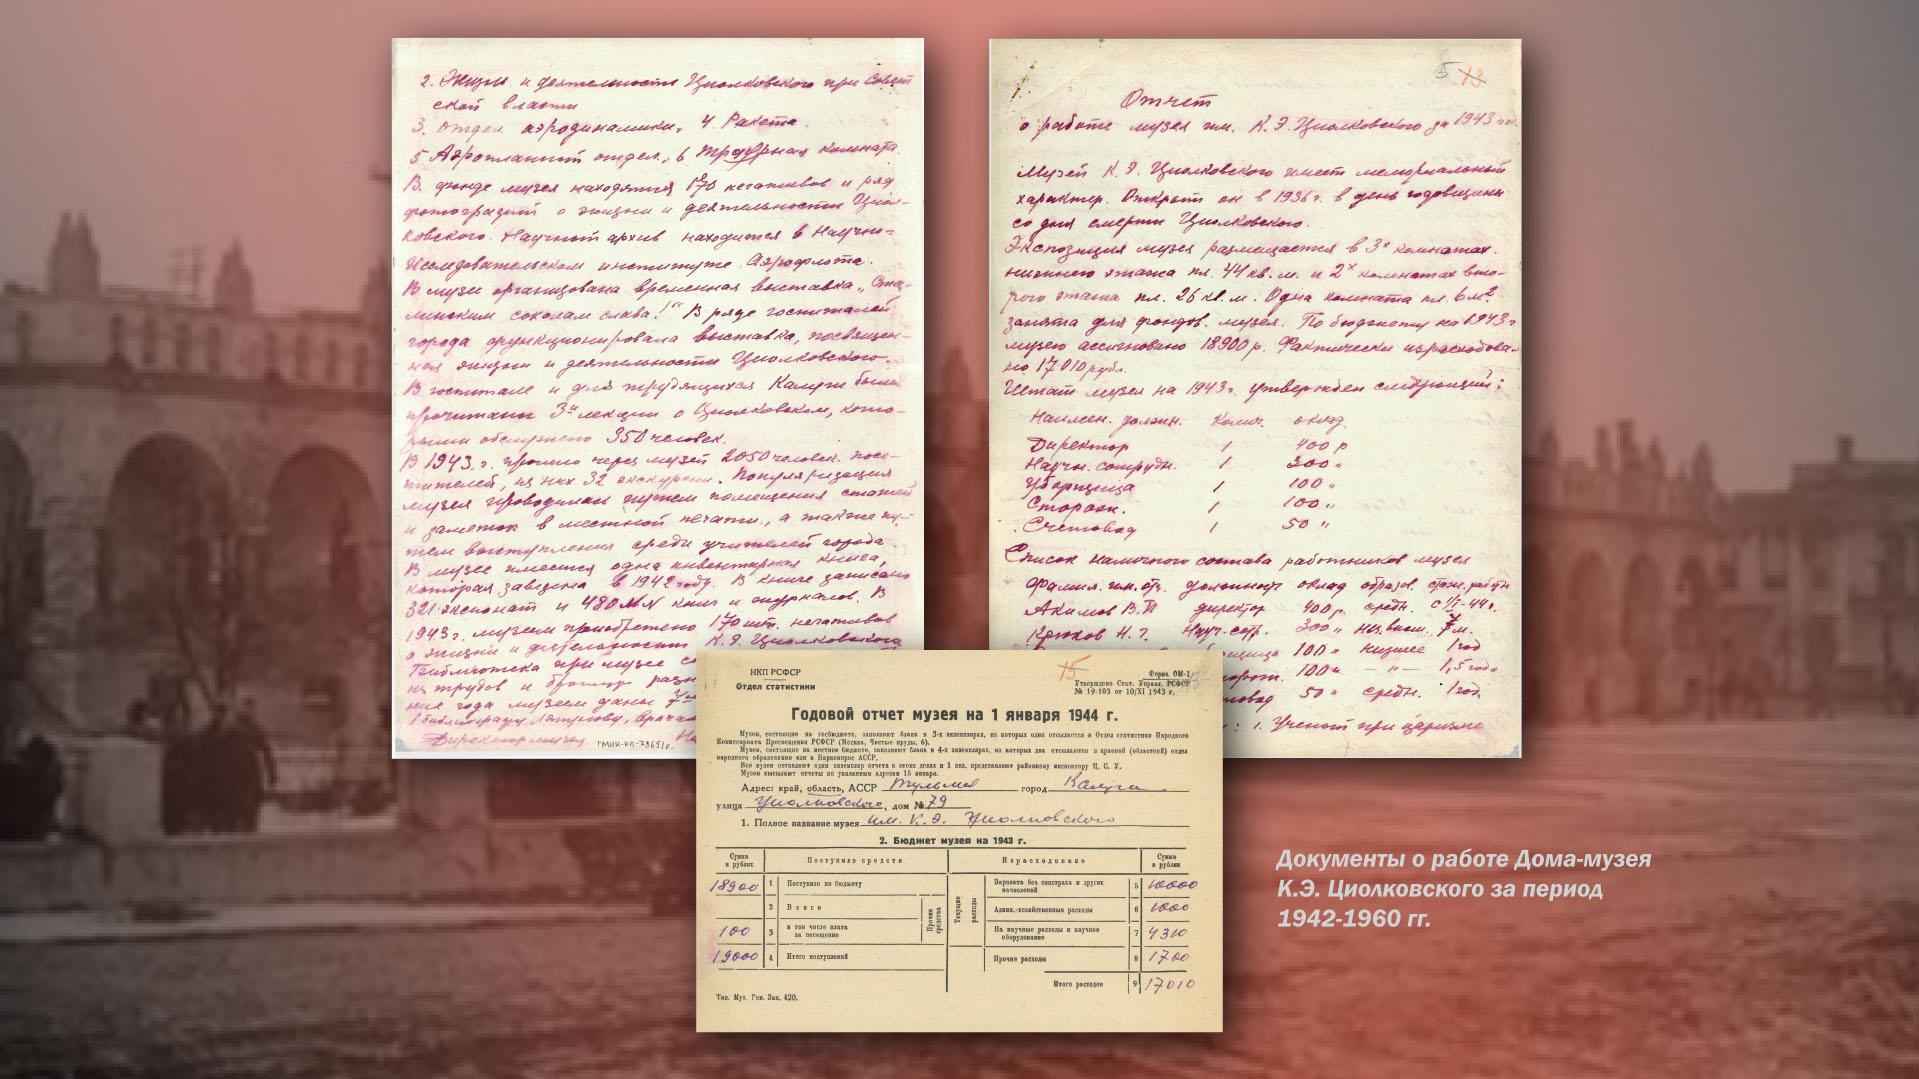 Документы о работе Дома-музея К.Э. Циолковского за период 1942-1960 гг.